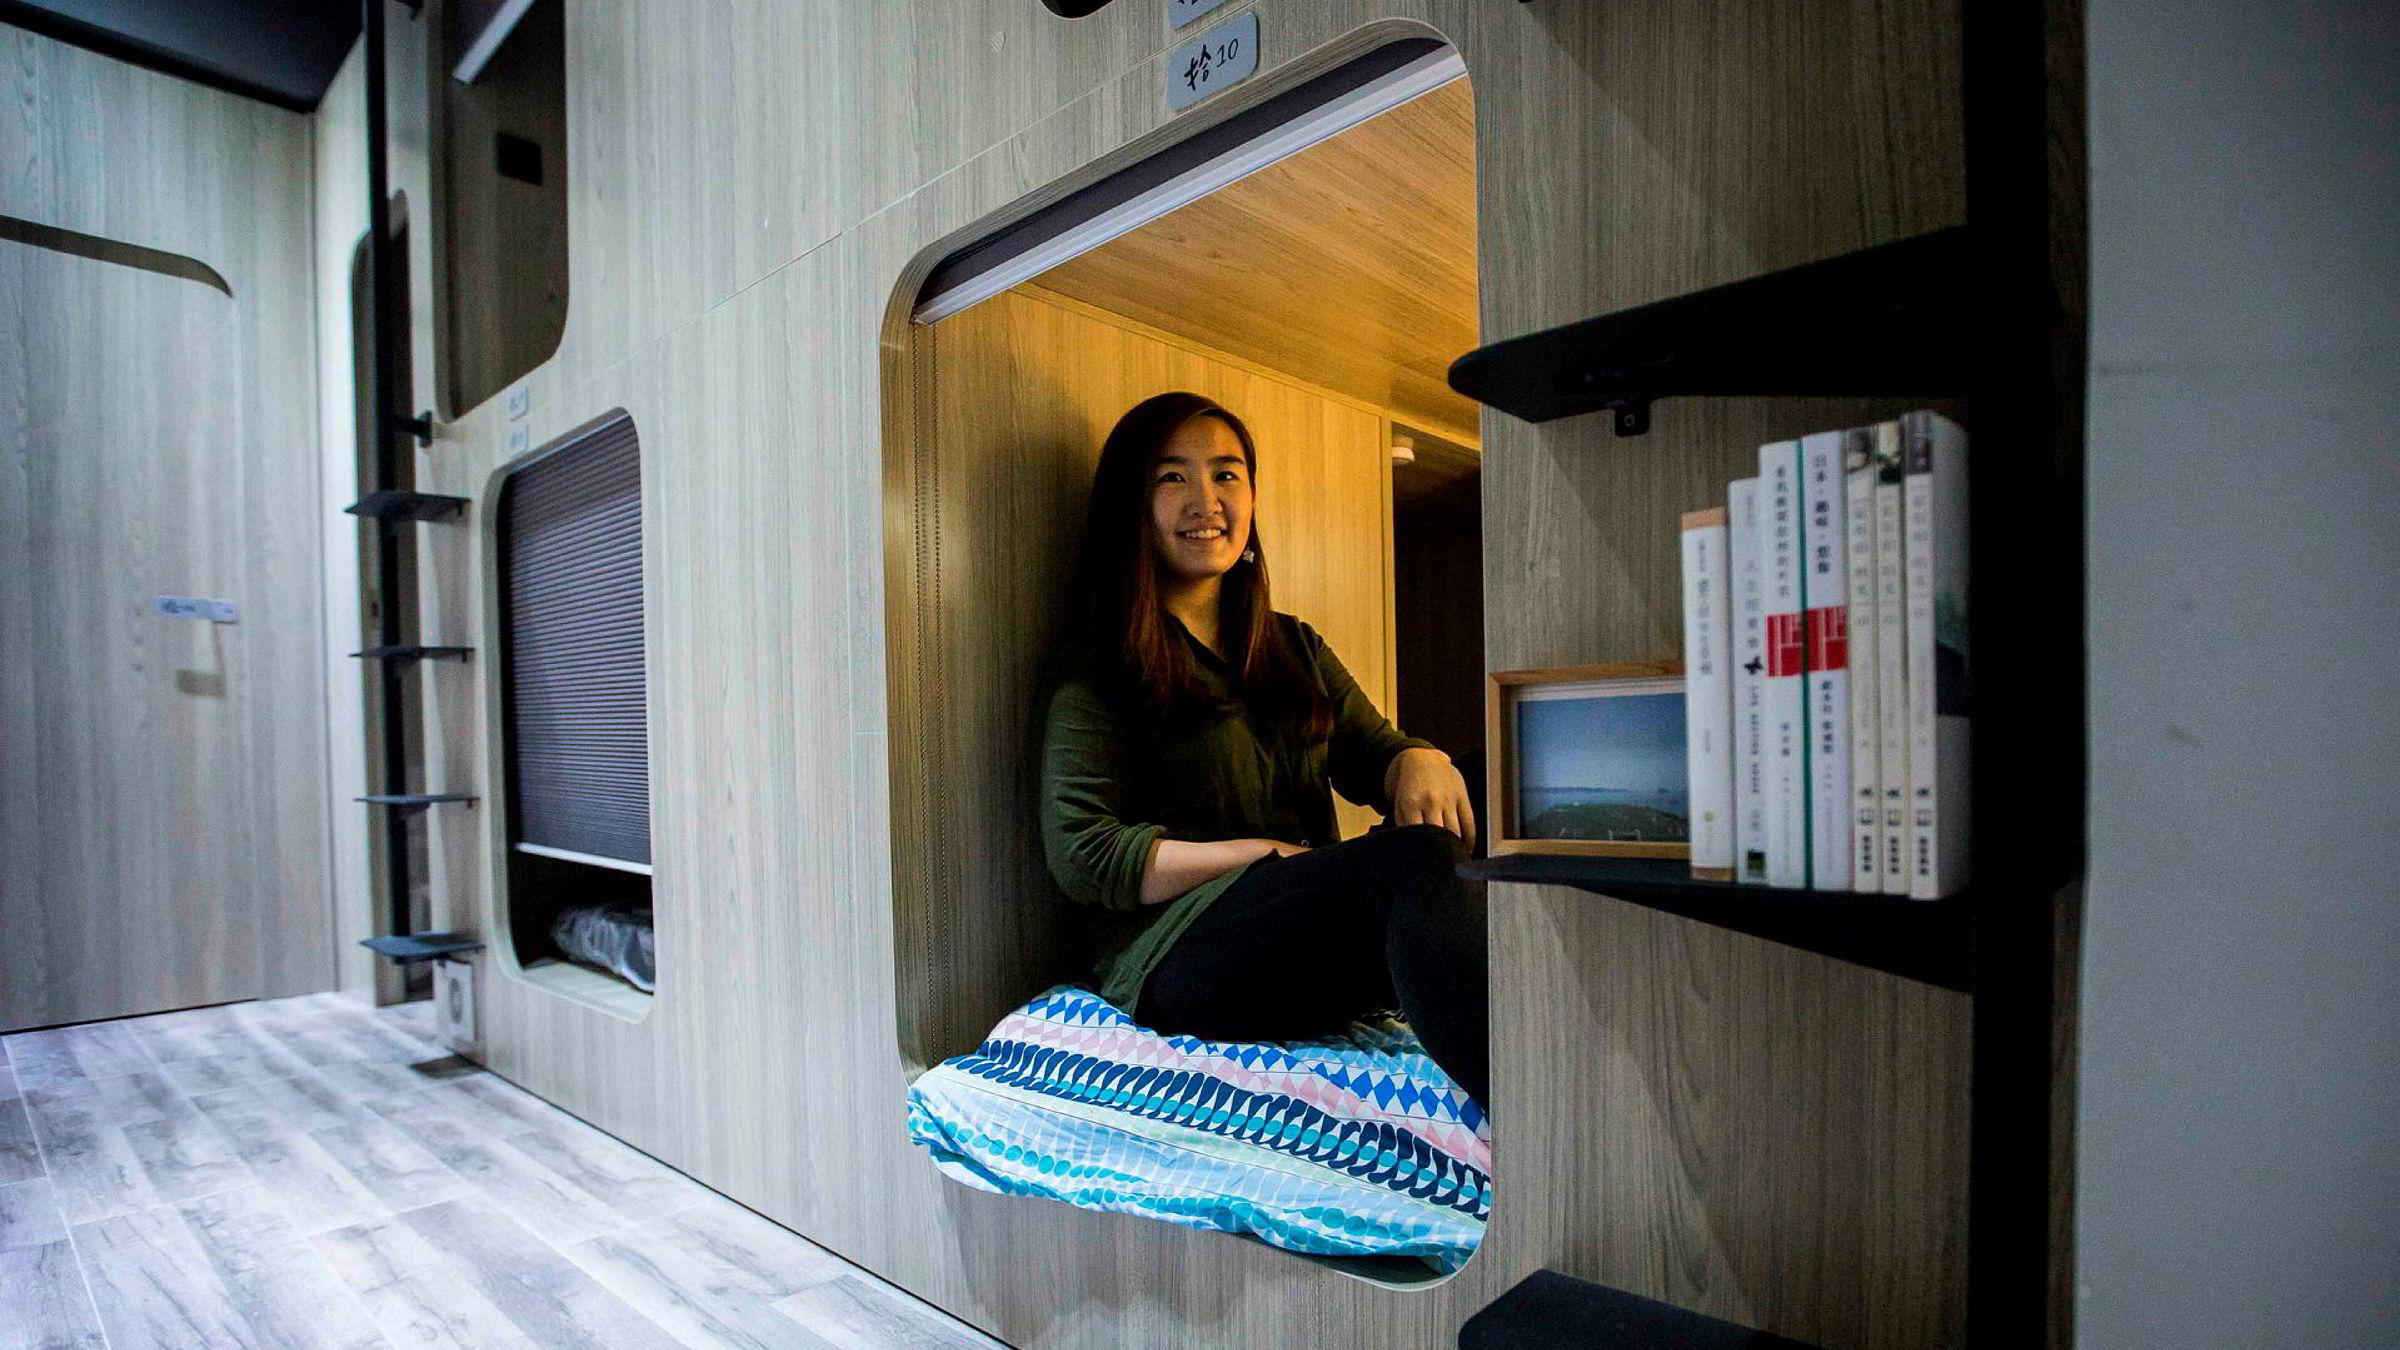 Det er blitt svært vanskelig å komme seg inn på boligmarkedet i Hongkong. Små leiligheter koster 20 årslønninger. Svaret for mange er knøttsmå hybler.